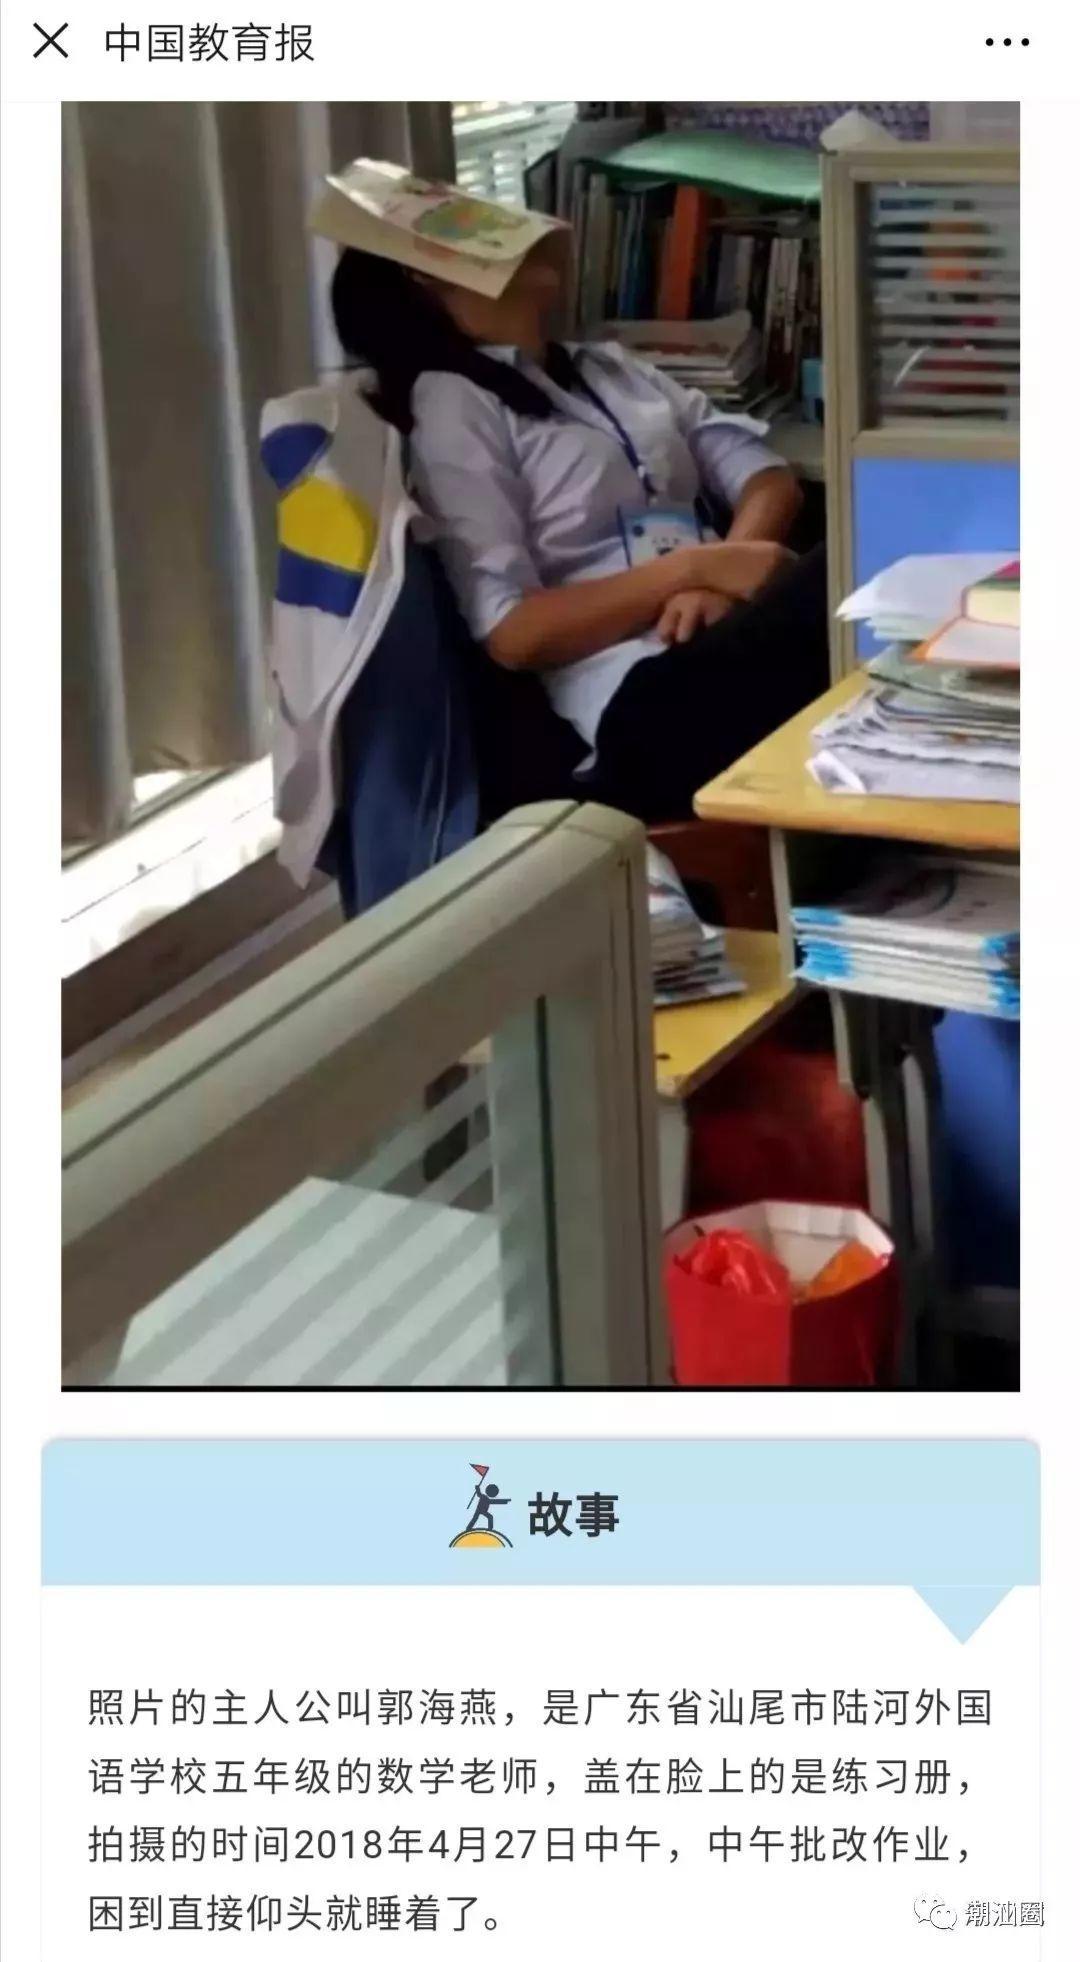 陆河一小学女老师午睡图登上人民日报 陆河 第2张